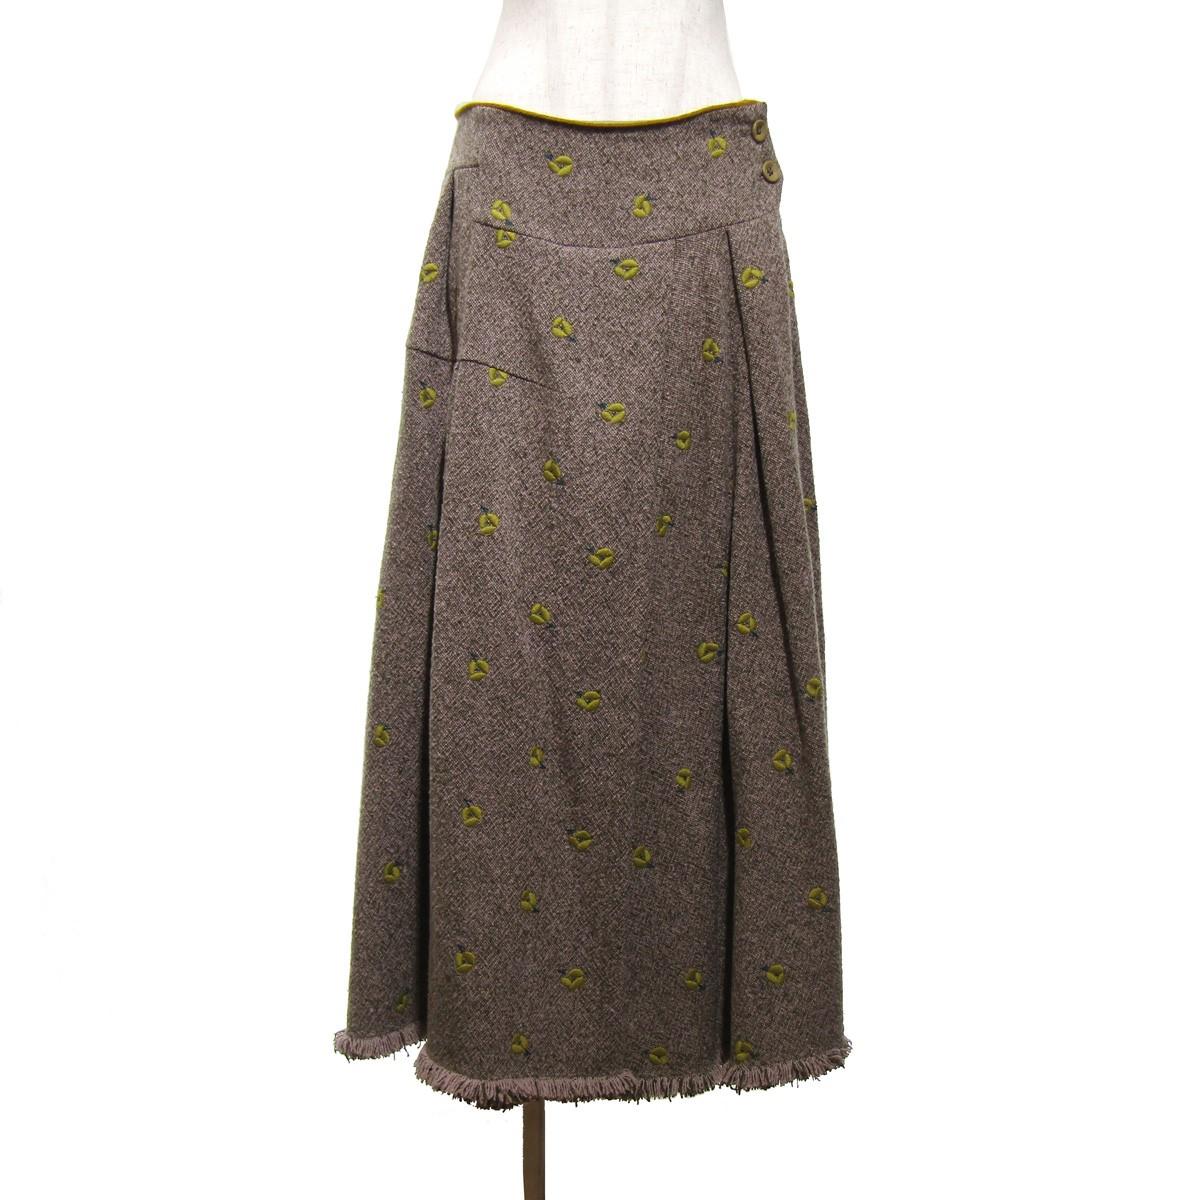 【中古】mina perhonen 2019AW ohayo/刺繍フリンジスカート ブラウン サイズ:40 【190920】(ミナペルホネン)